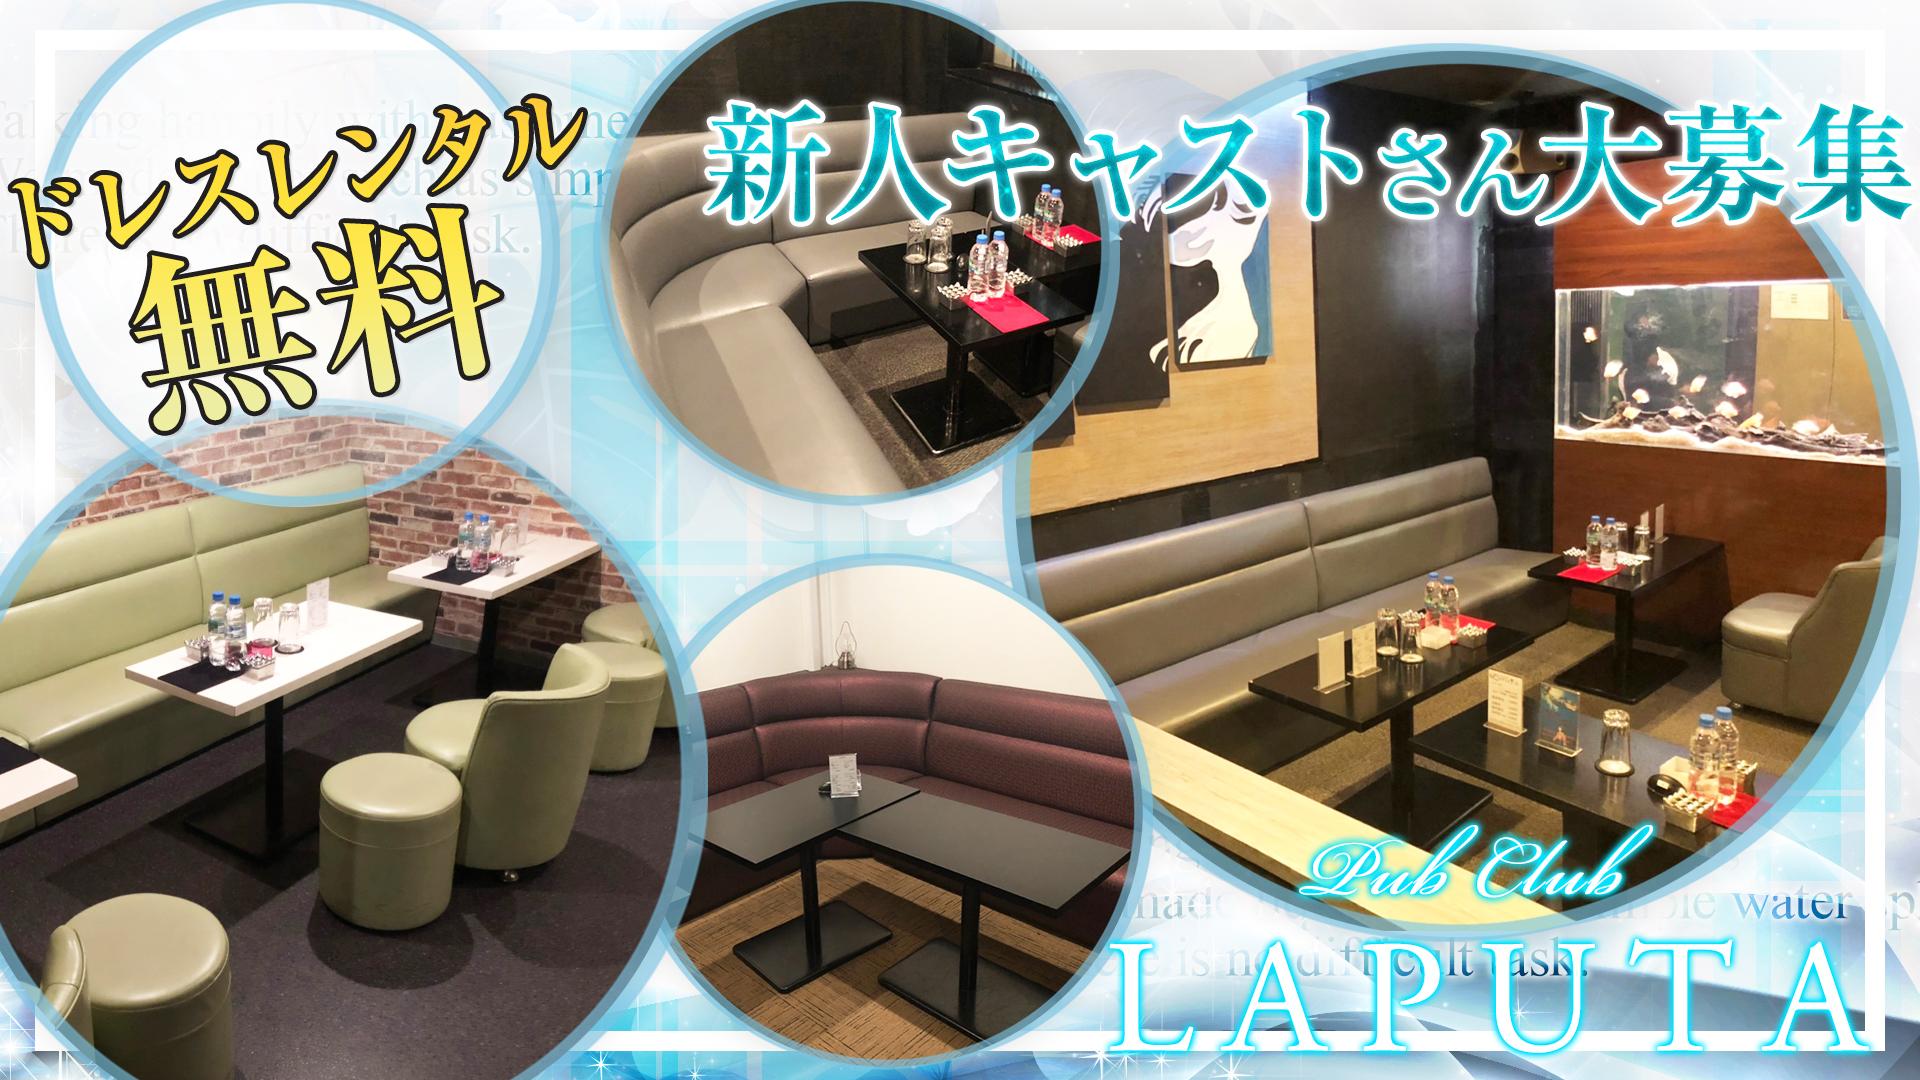 Pub Club LAPUTA[ラピュタ] 千葉 キャバクラ TOP画像